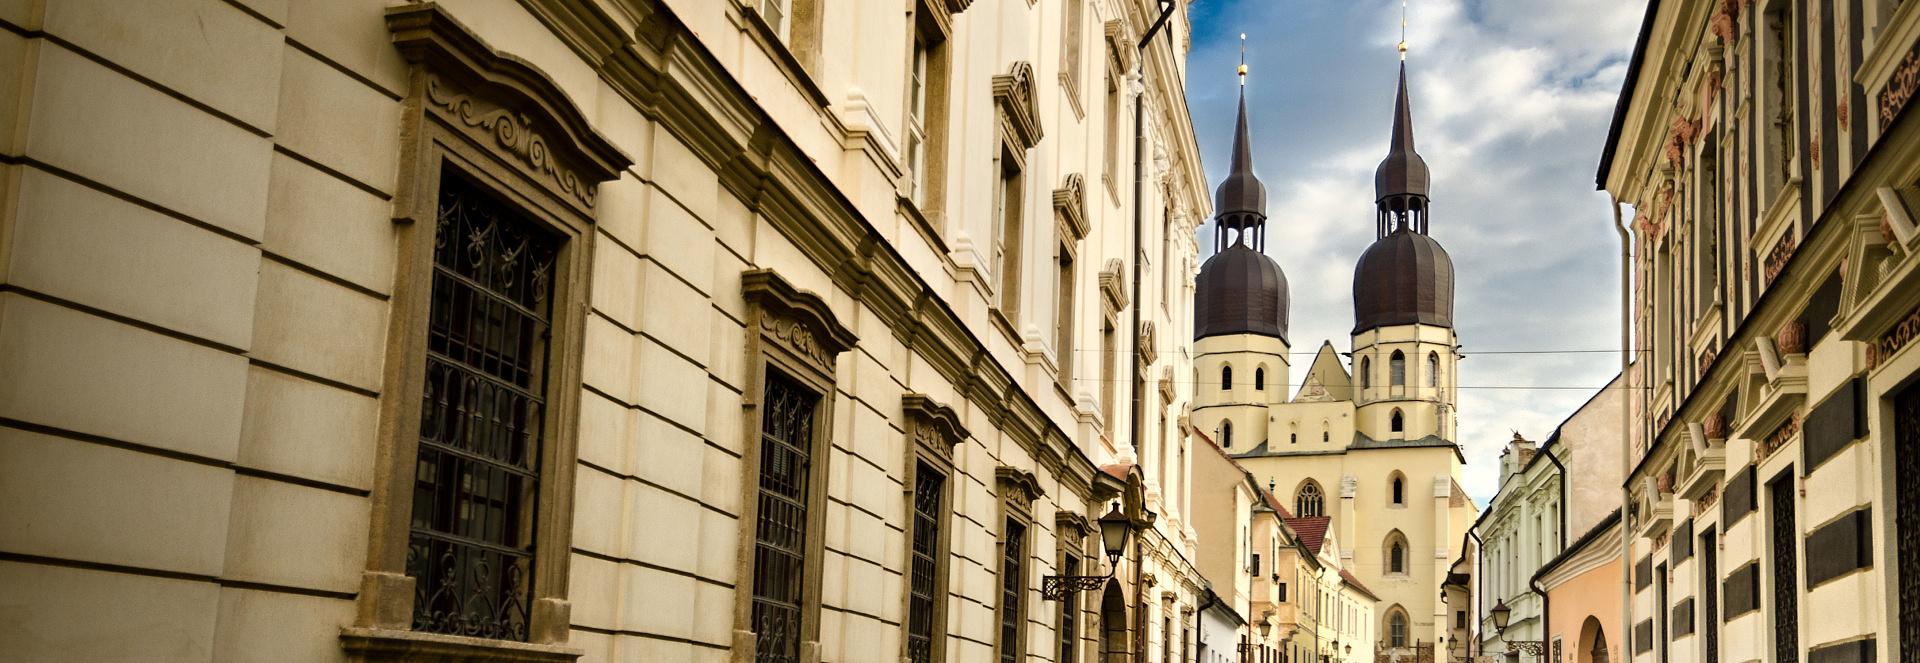 Mesto-Trnava-slide4-1920x663